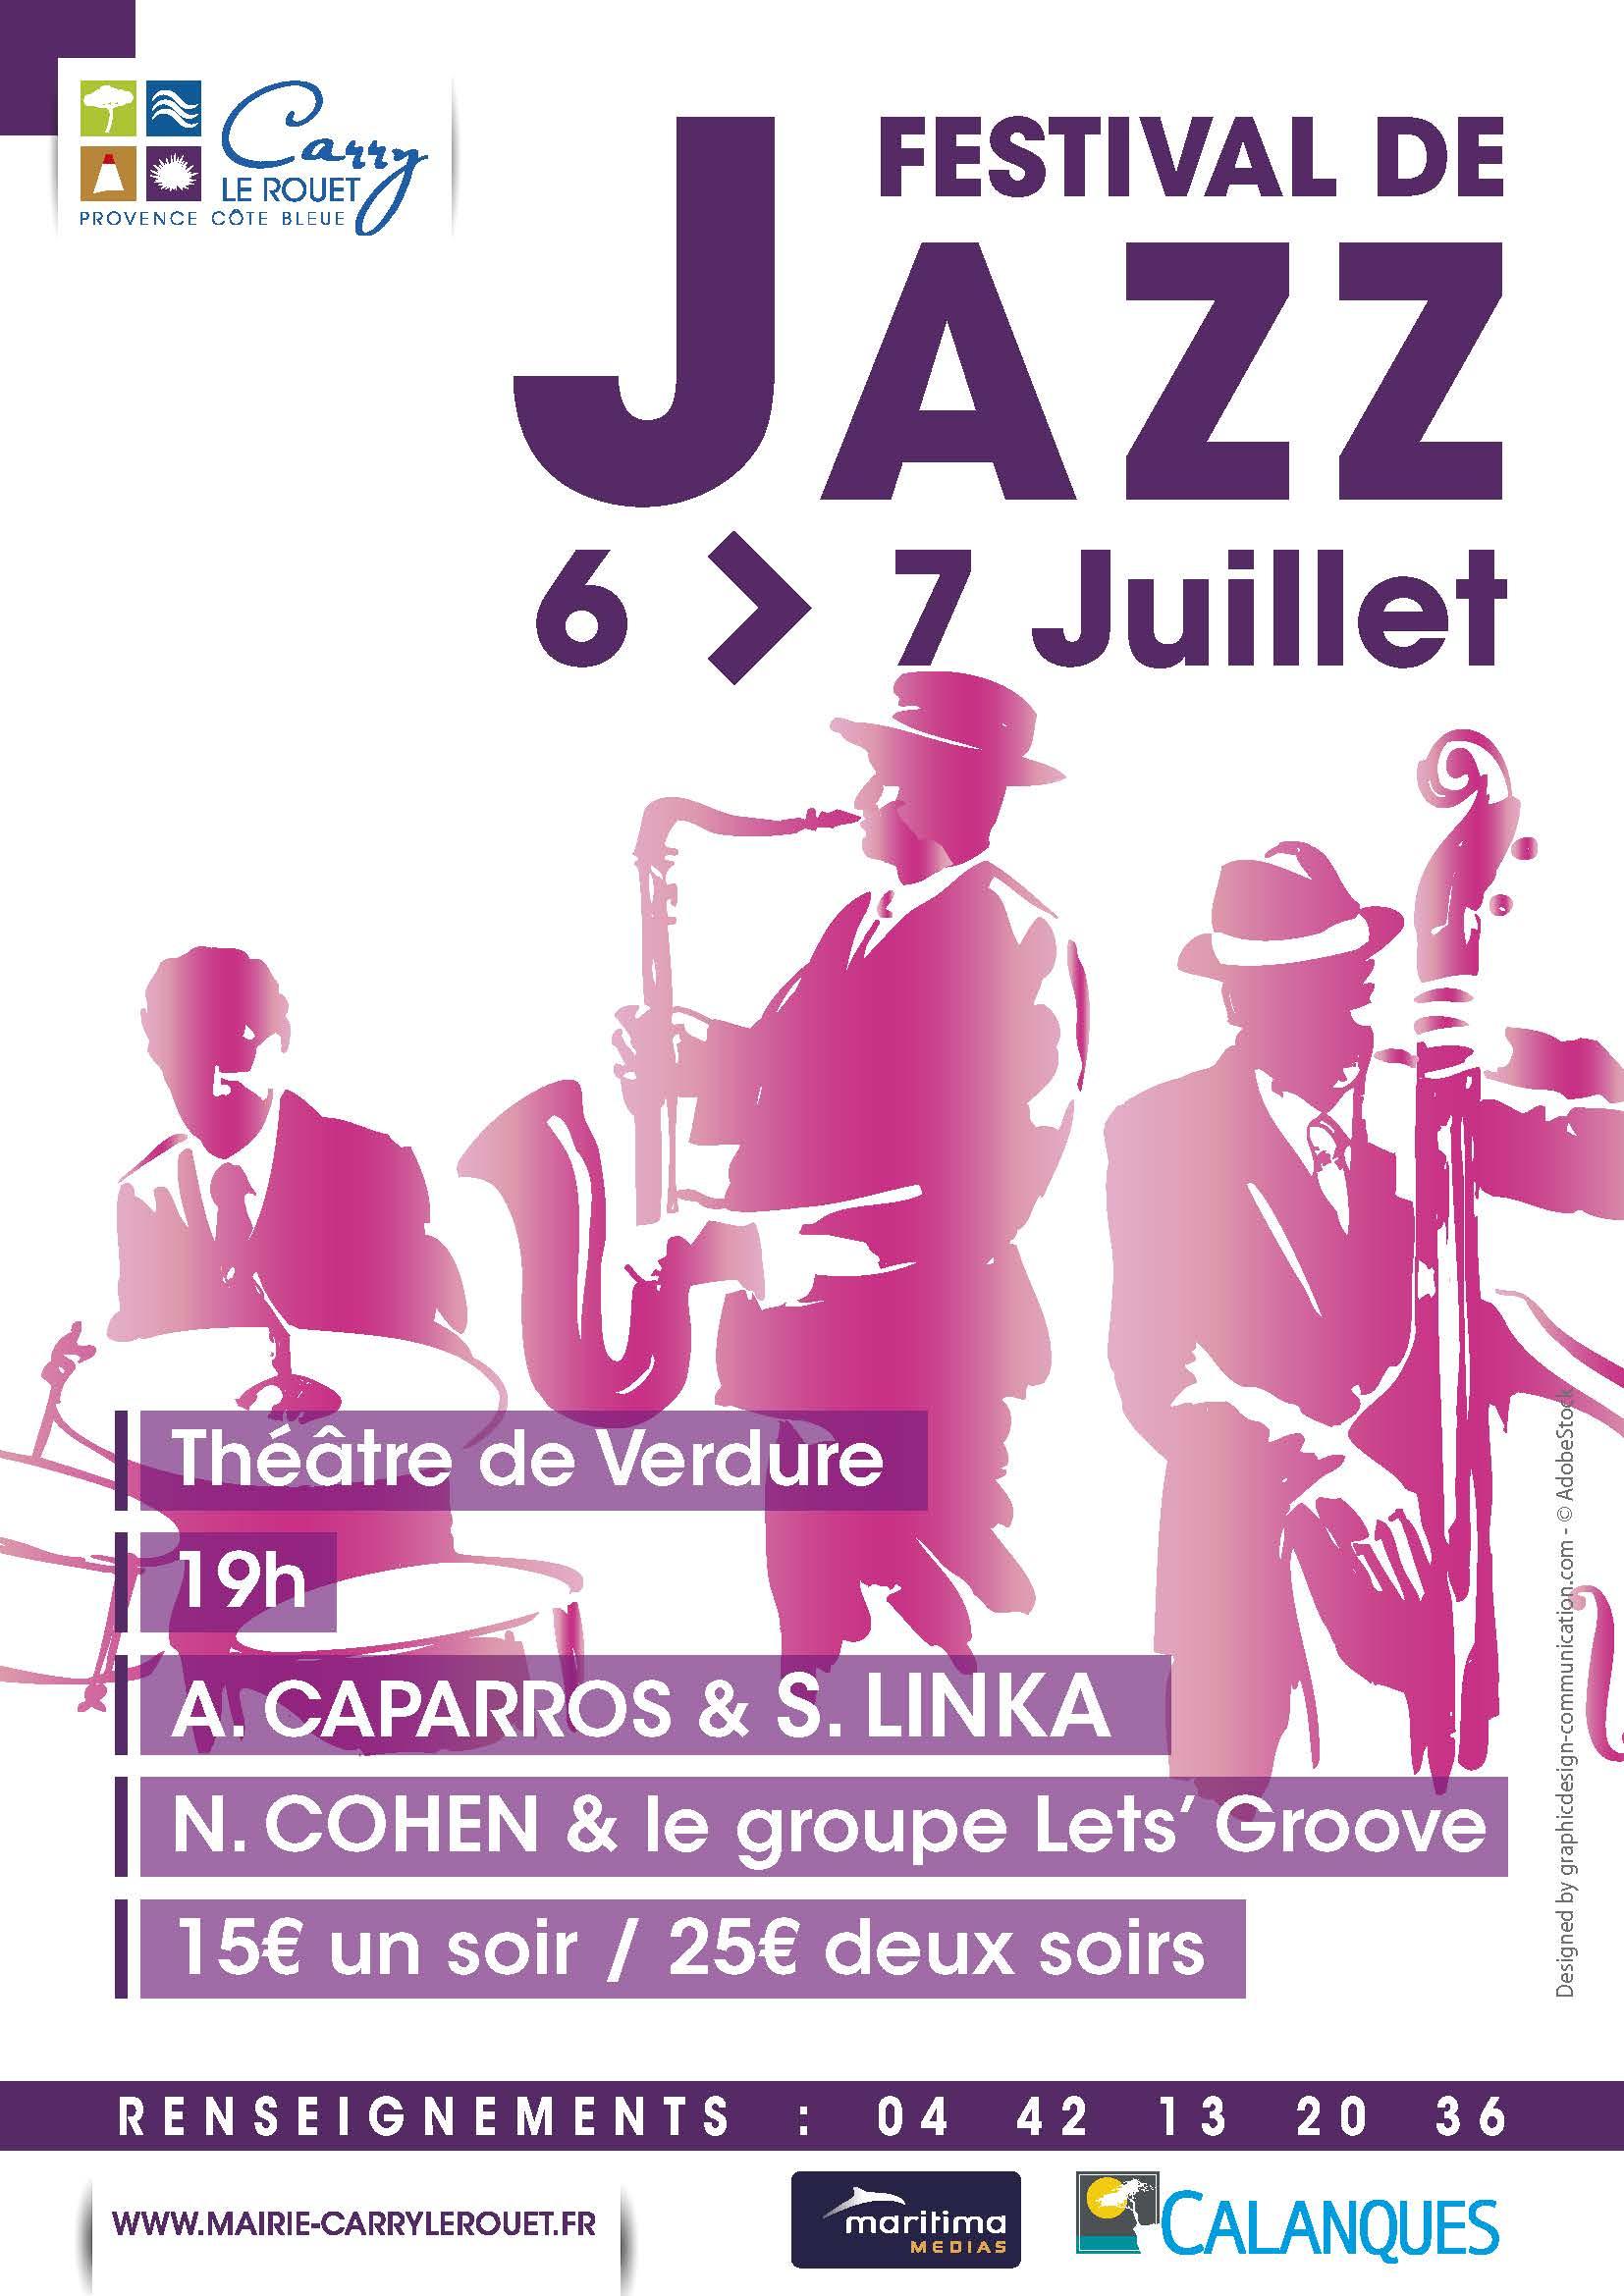 Festival de Jazz 2017  Carry le Rouet Bouches du Rhone Foxoo